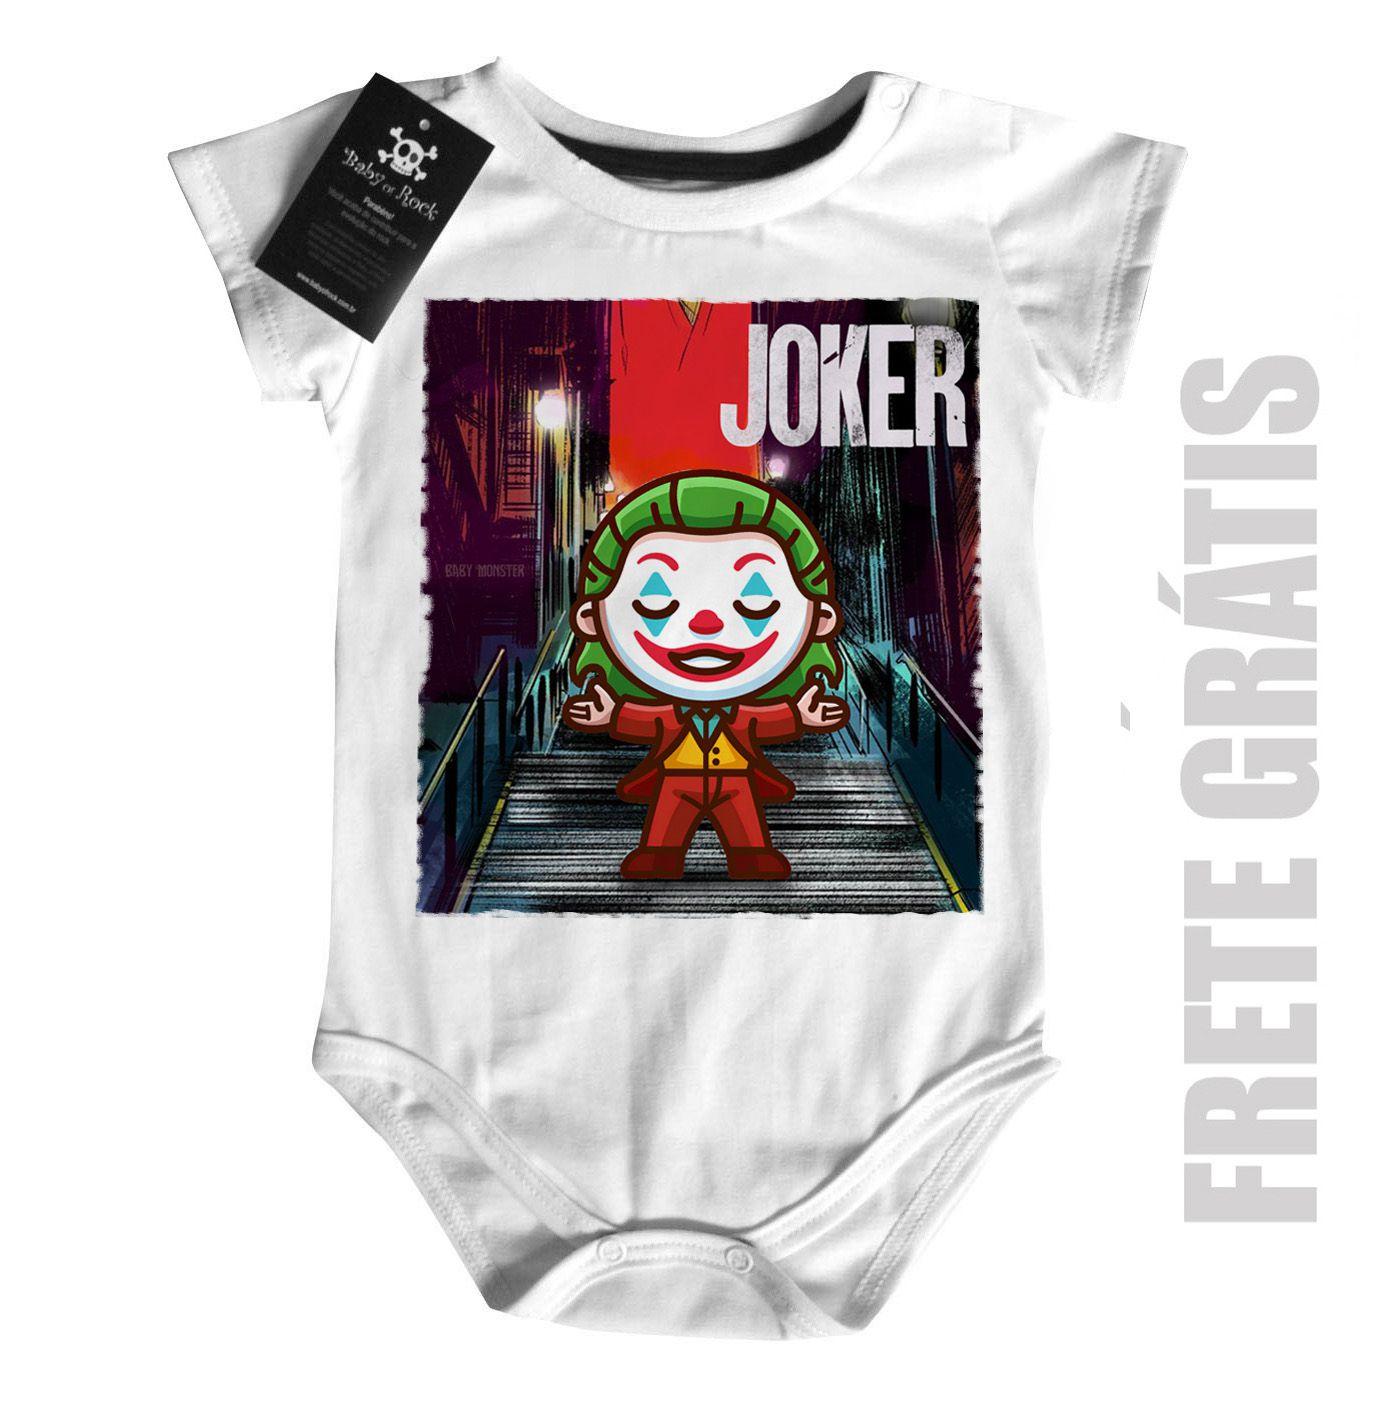 Body Bebe Joker Coringa Baby Monster  - Baby Monster S/A